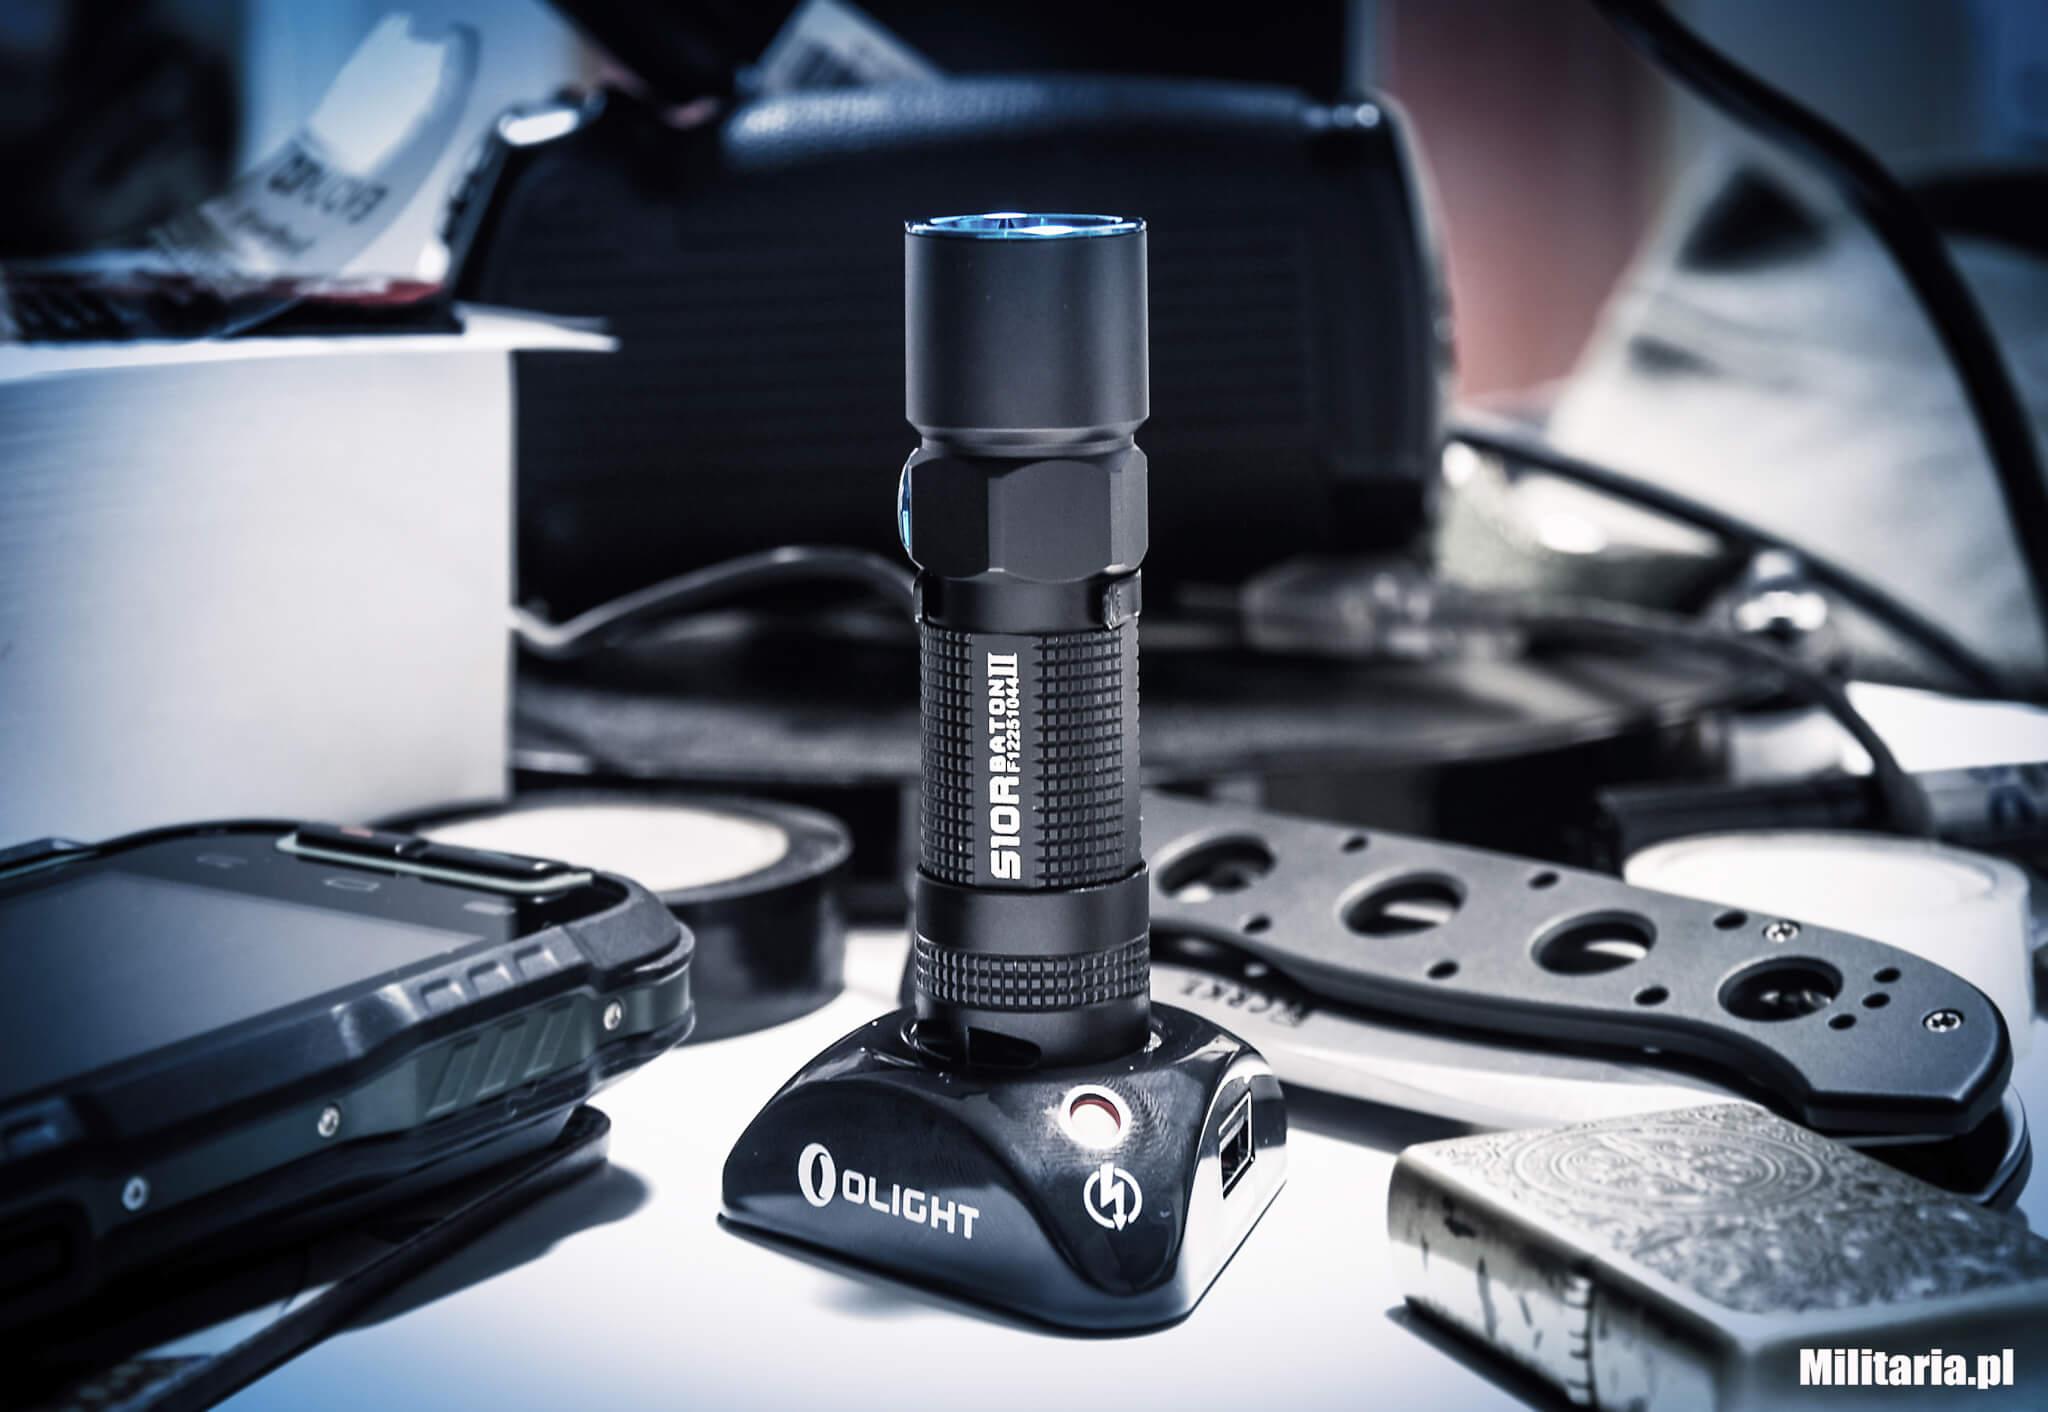 Olight S10R II Baton małe światełko do EDC